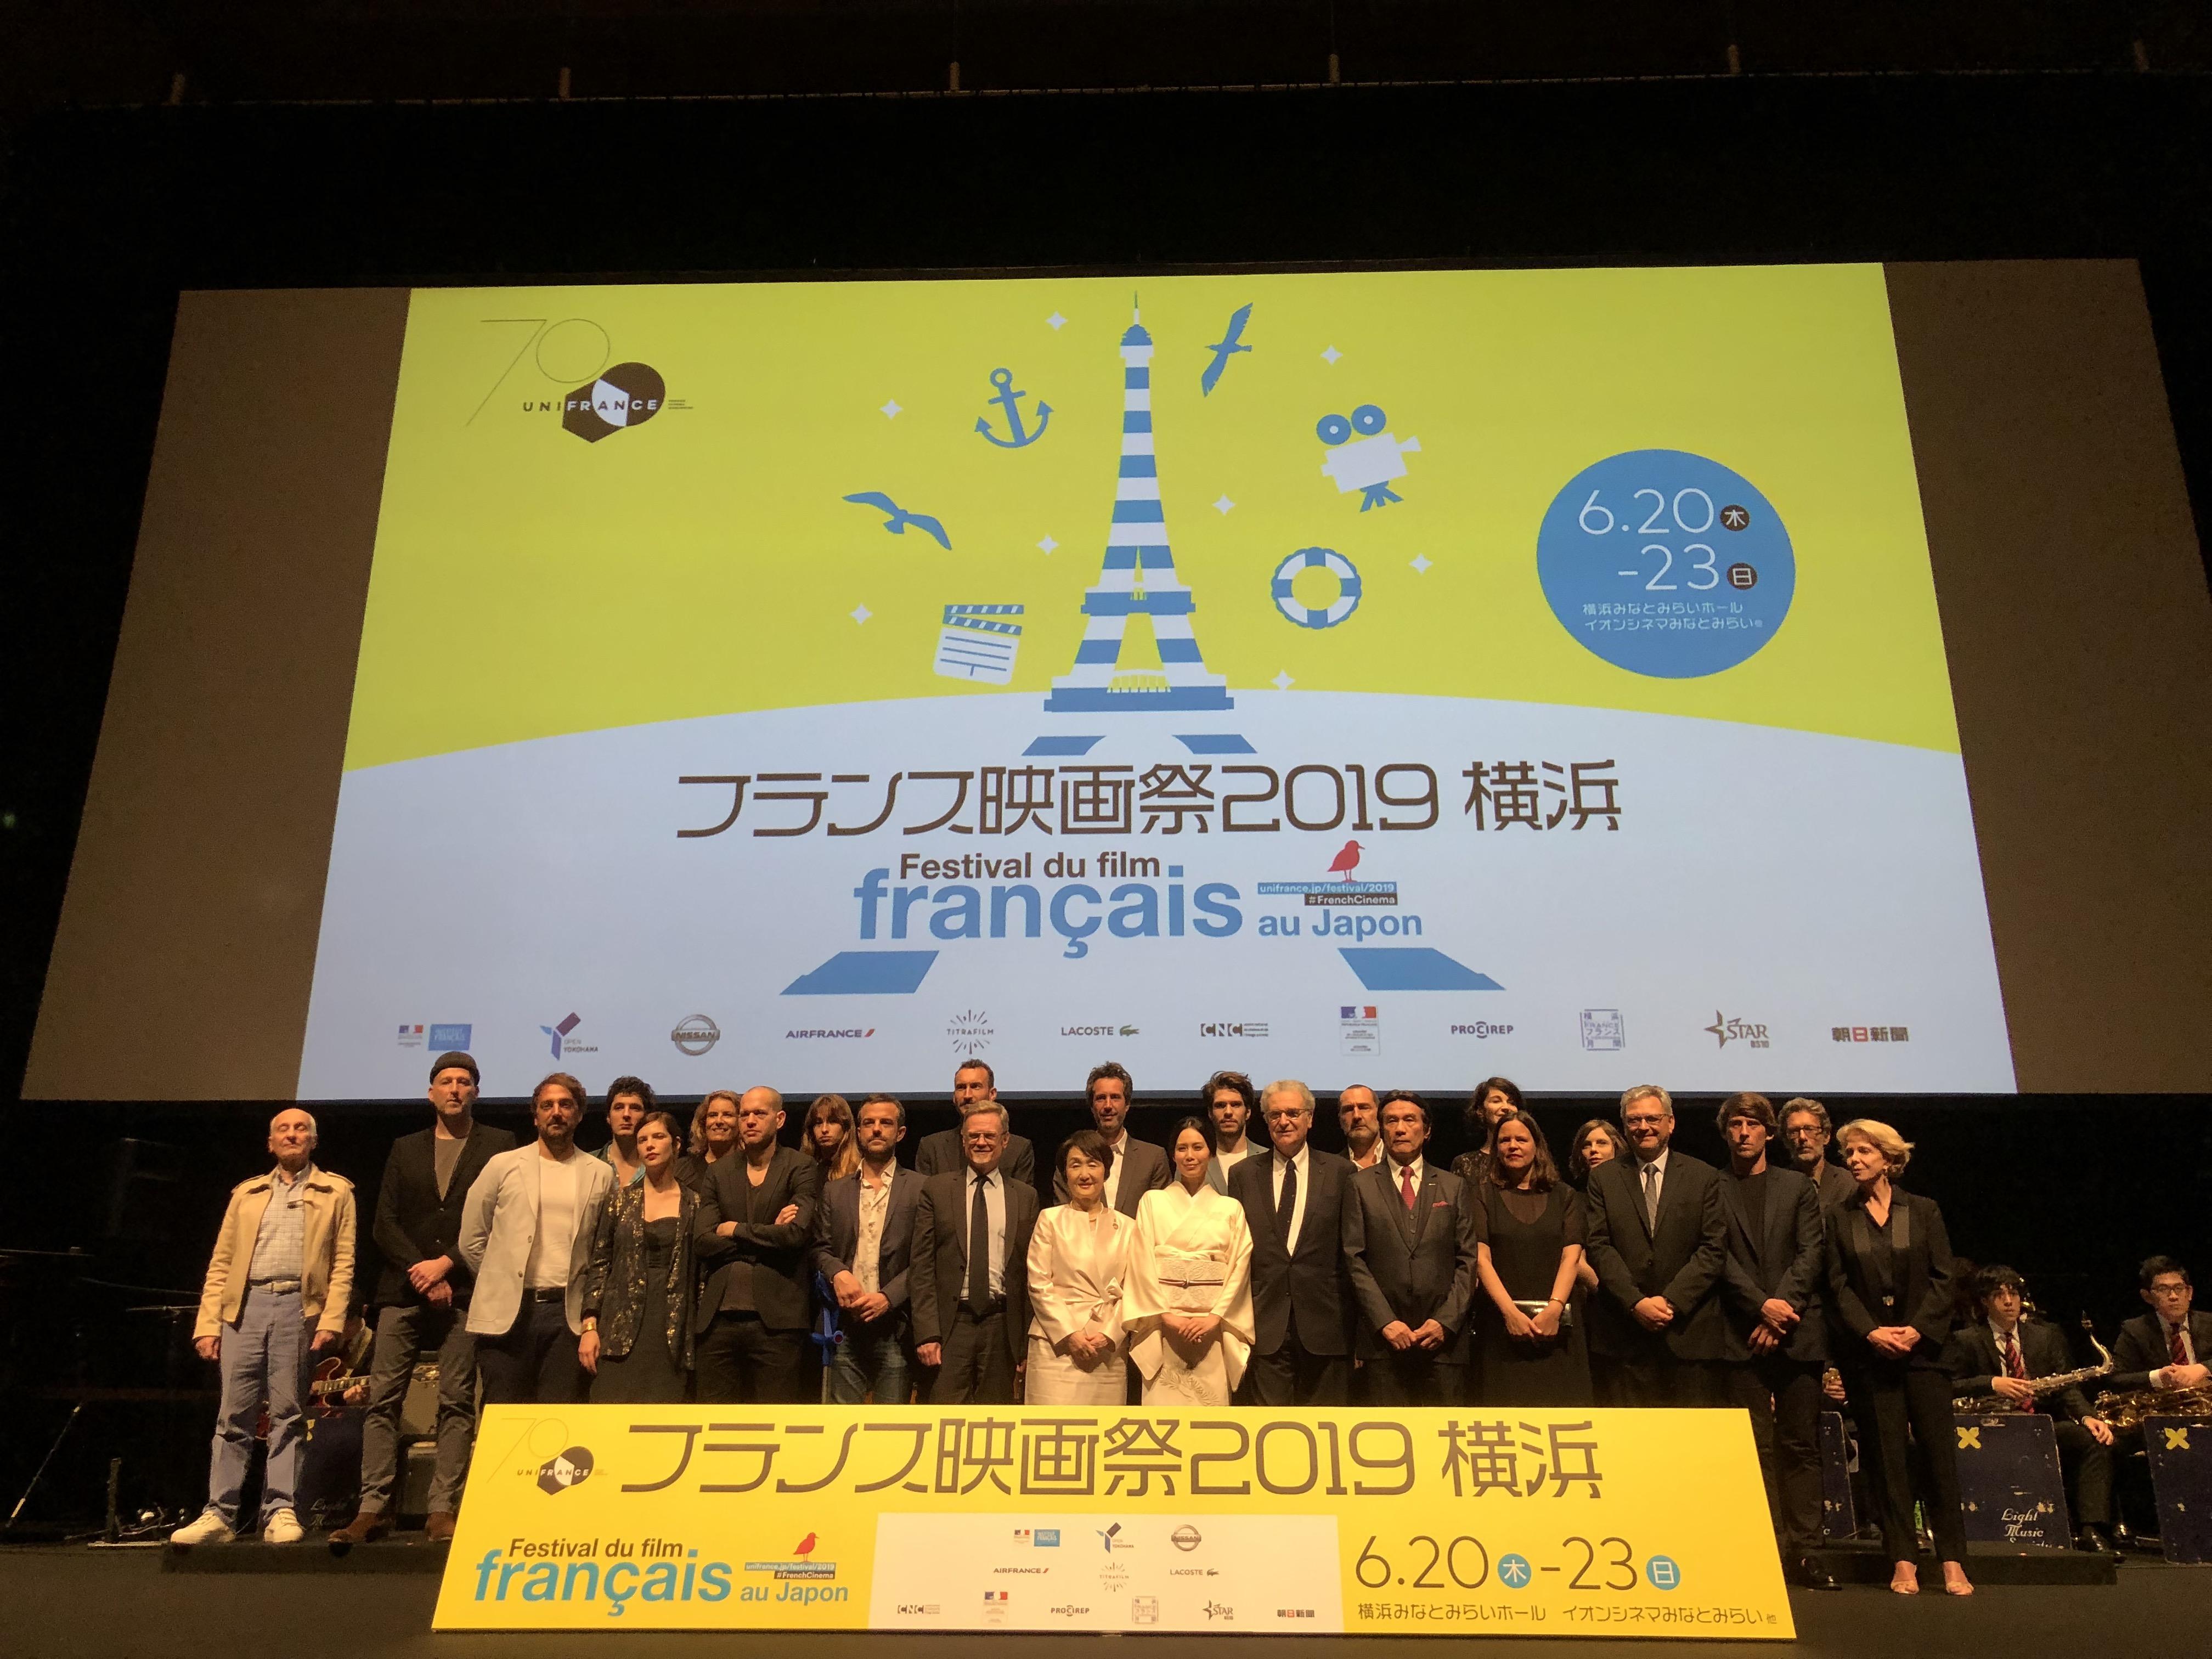 【横浜】ただ単に「映画を見て終わり」ではない、フランス映画祭の魅力とは。